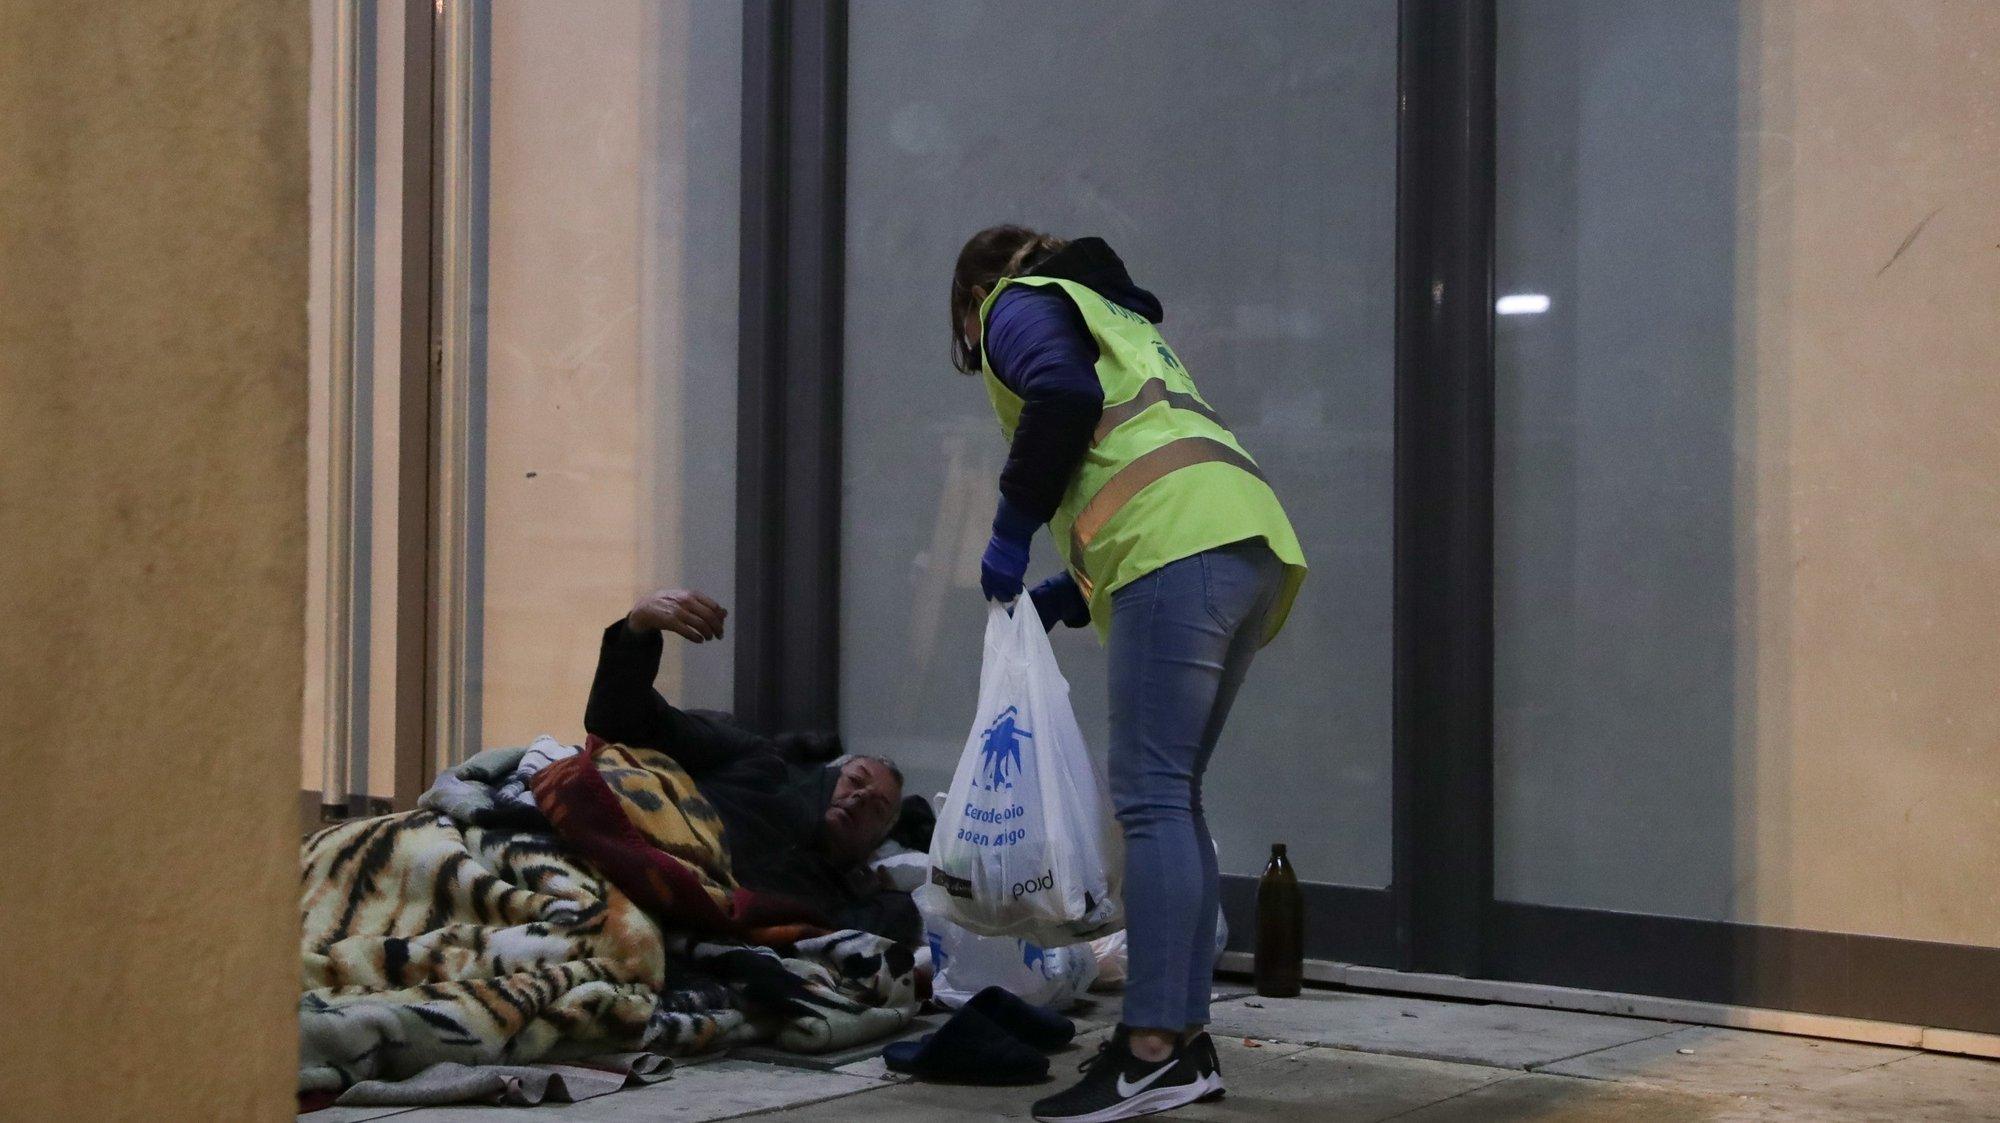 Uma voluntária da associação CASA (Centro de apoio aos sem-abrigo) durante uma ronda de distribuíção de refeições pela cidade de Lisboa, 28 de março de 2020. ACOMPANHA TEXTO DO DIA 28 DE MARÇO DE 2020. TIAGO PETINGA/LUSA